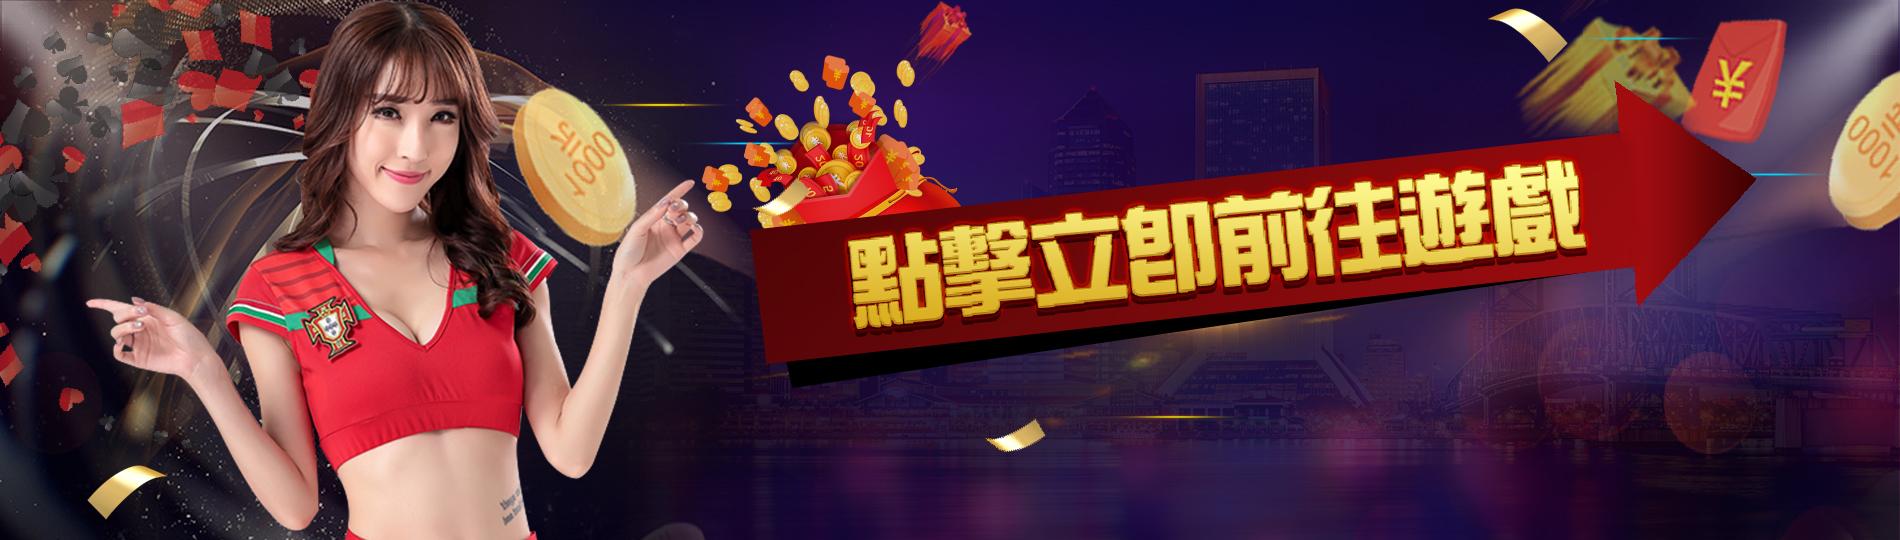 【娛樂城優惠】任你博娛樂城優惠贈送萬元禮金開跑!